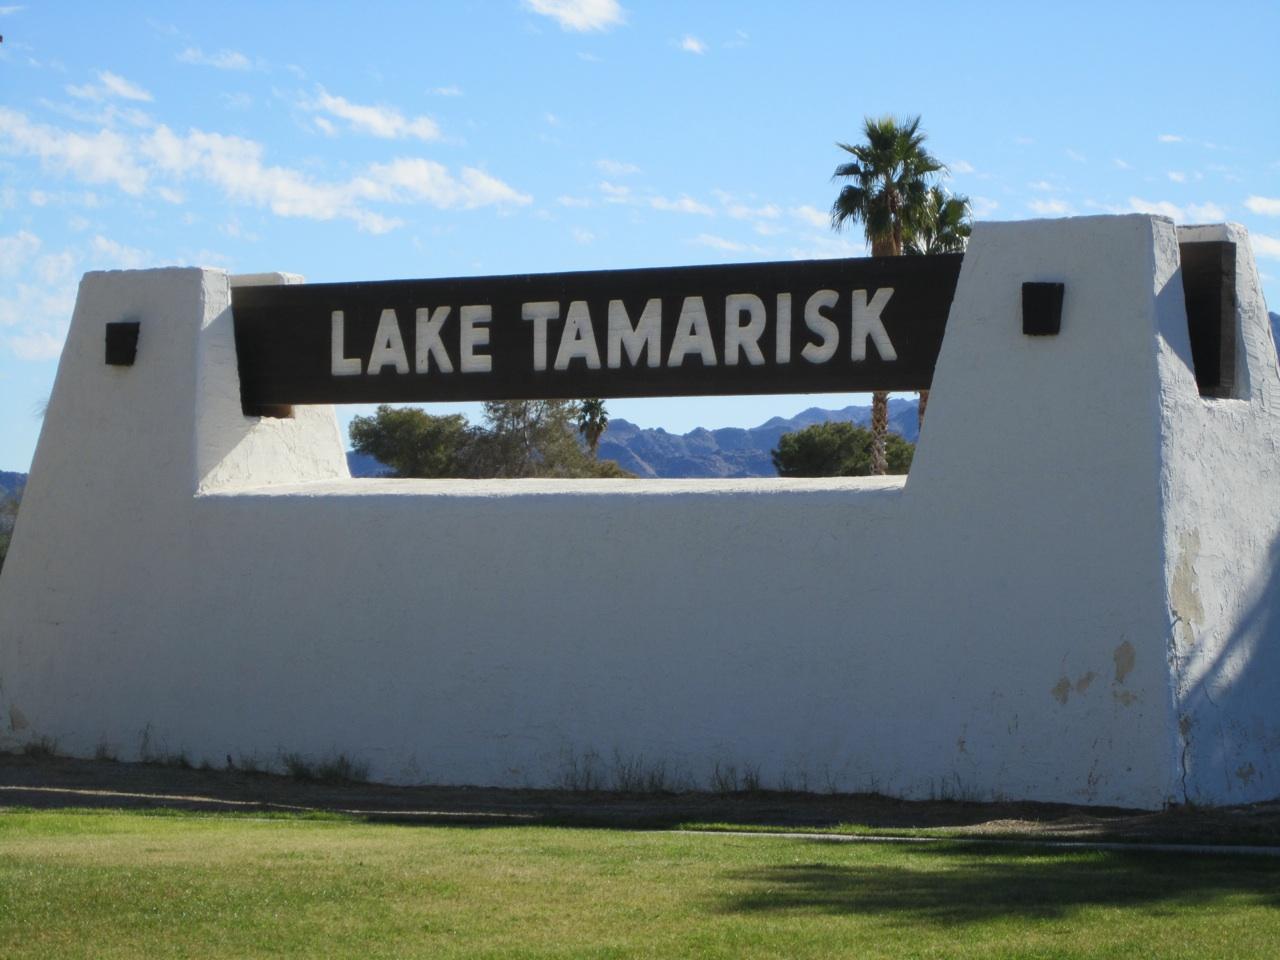 Lake Tamarisk Resort Sign In Desert Center, CA